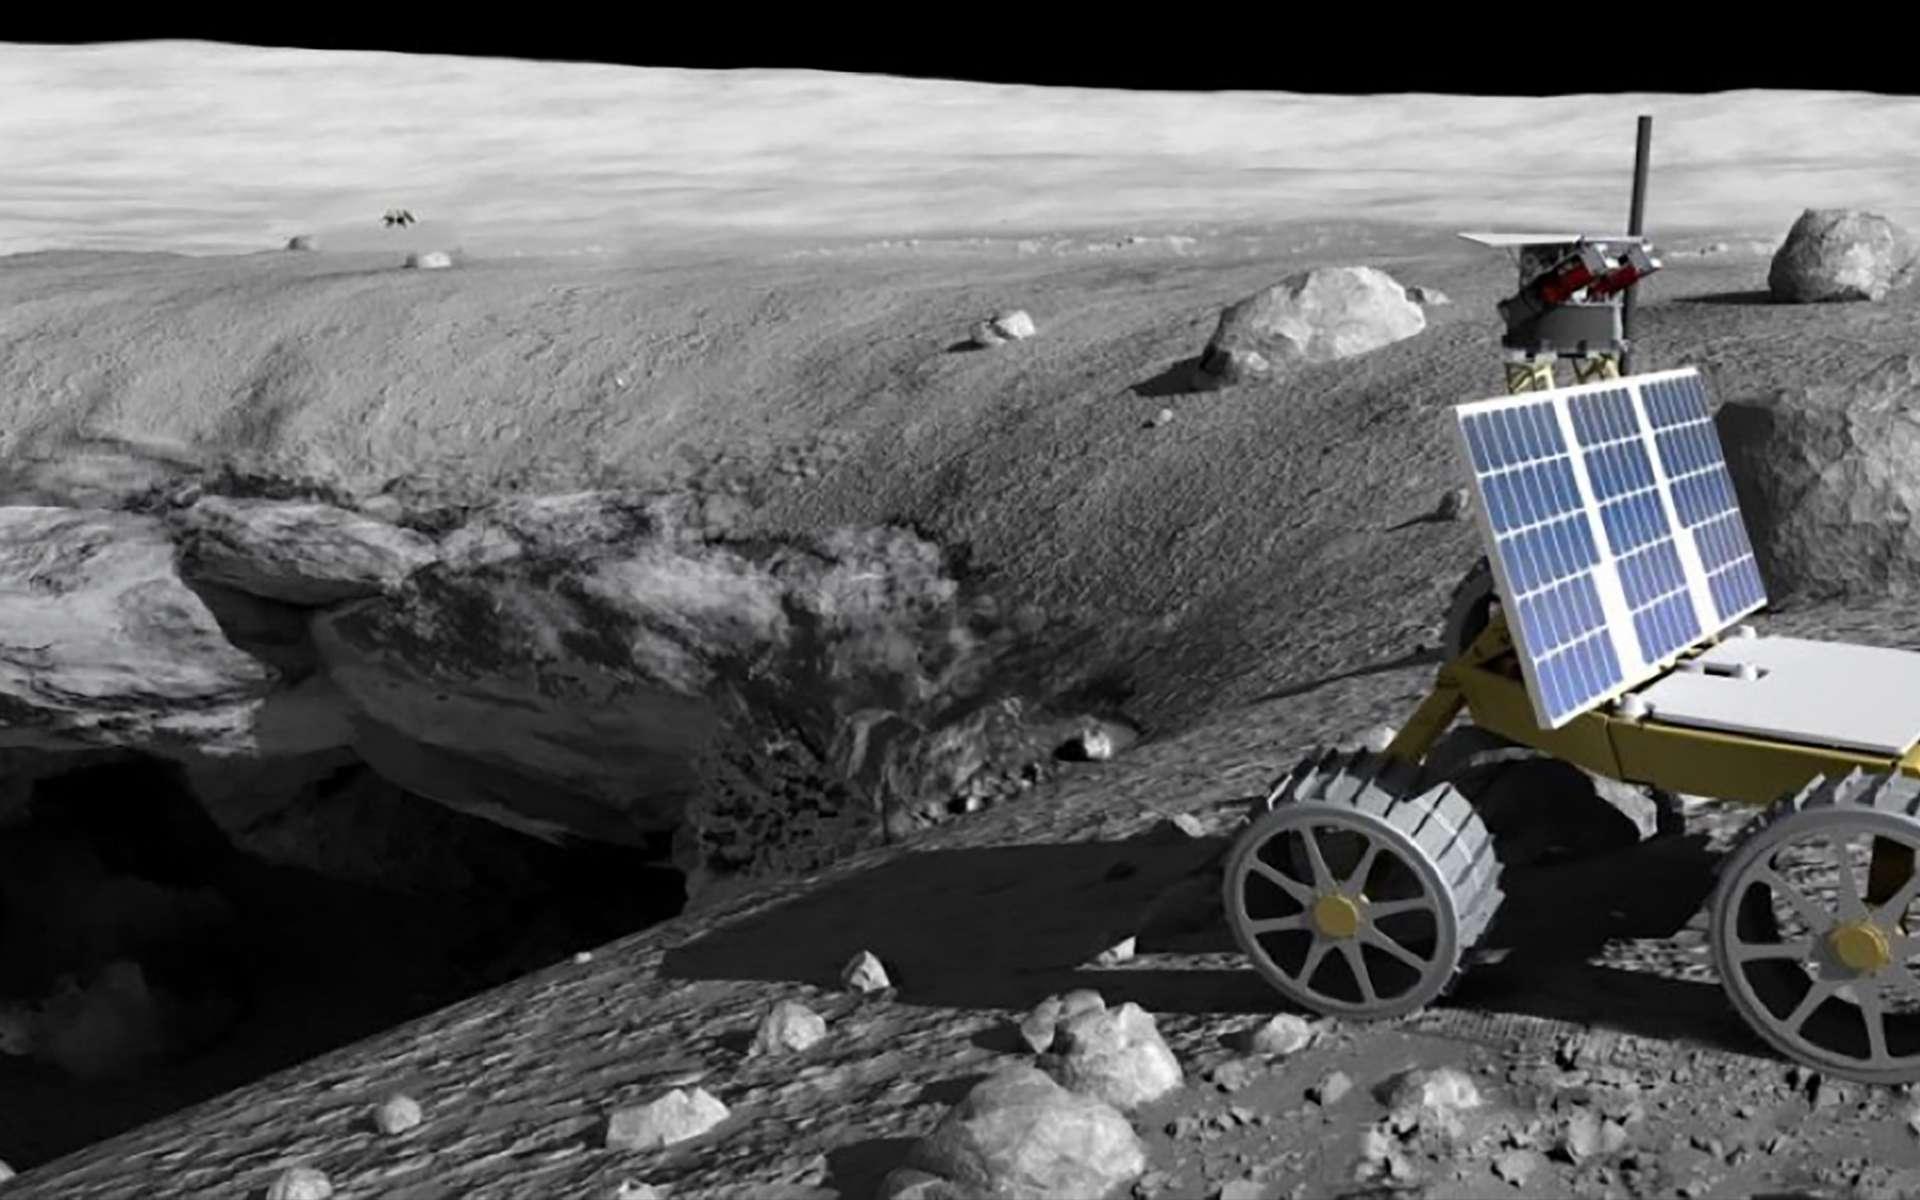 Concept de mission Skylight d'exploration de cratères lunaires. © William Whittaker, Carnegie Mellon University